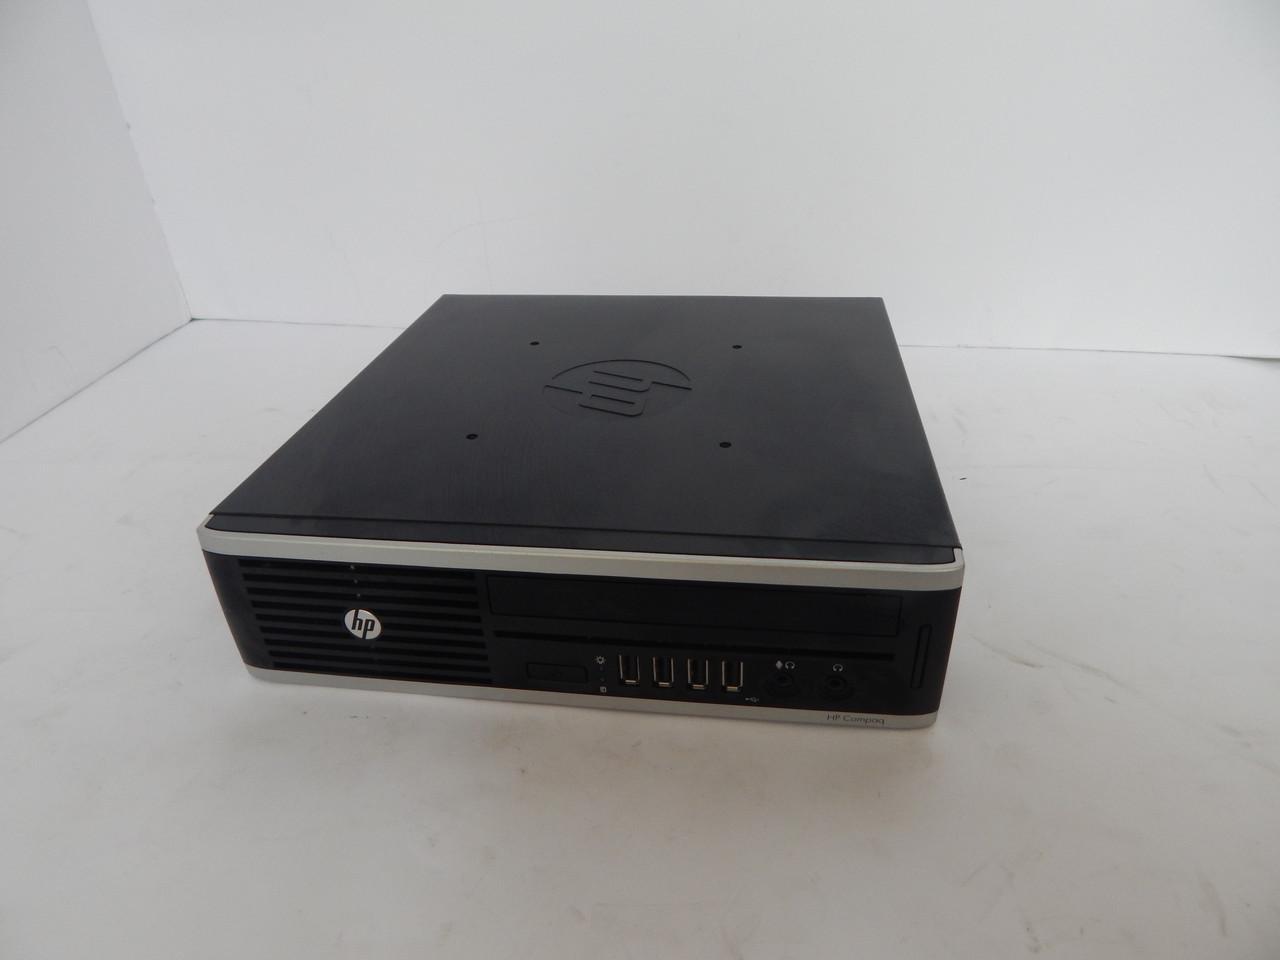 Системный блок, компьютер HP 8200 Elite i3 2100 4 ГБ USB 3.0